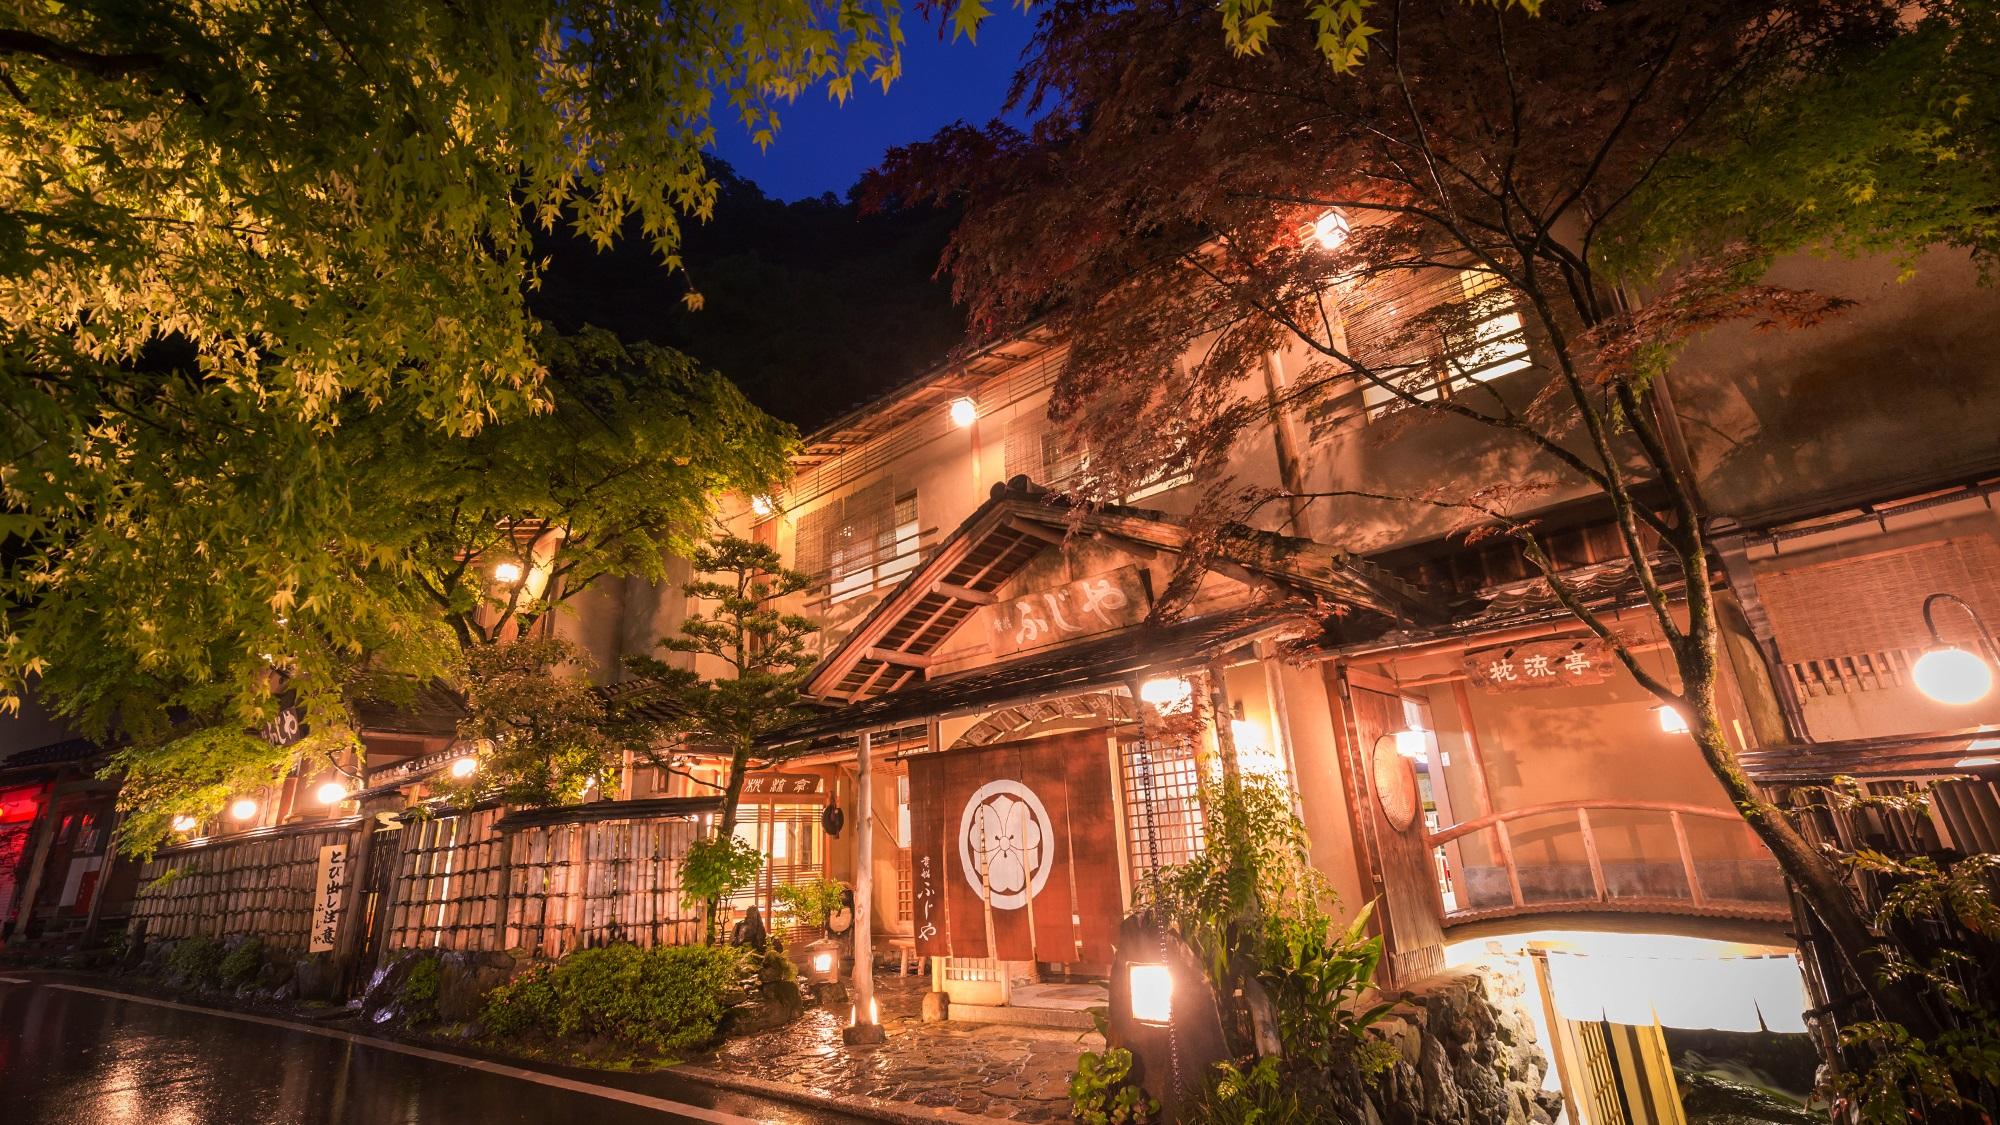 これぞ夏!京都の川床に行って温泉宿に入りたい!